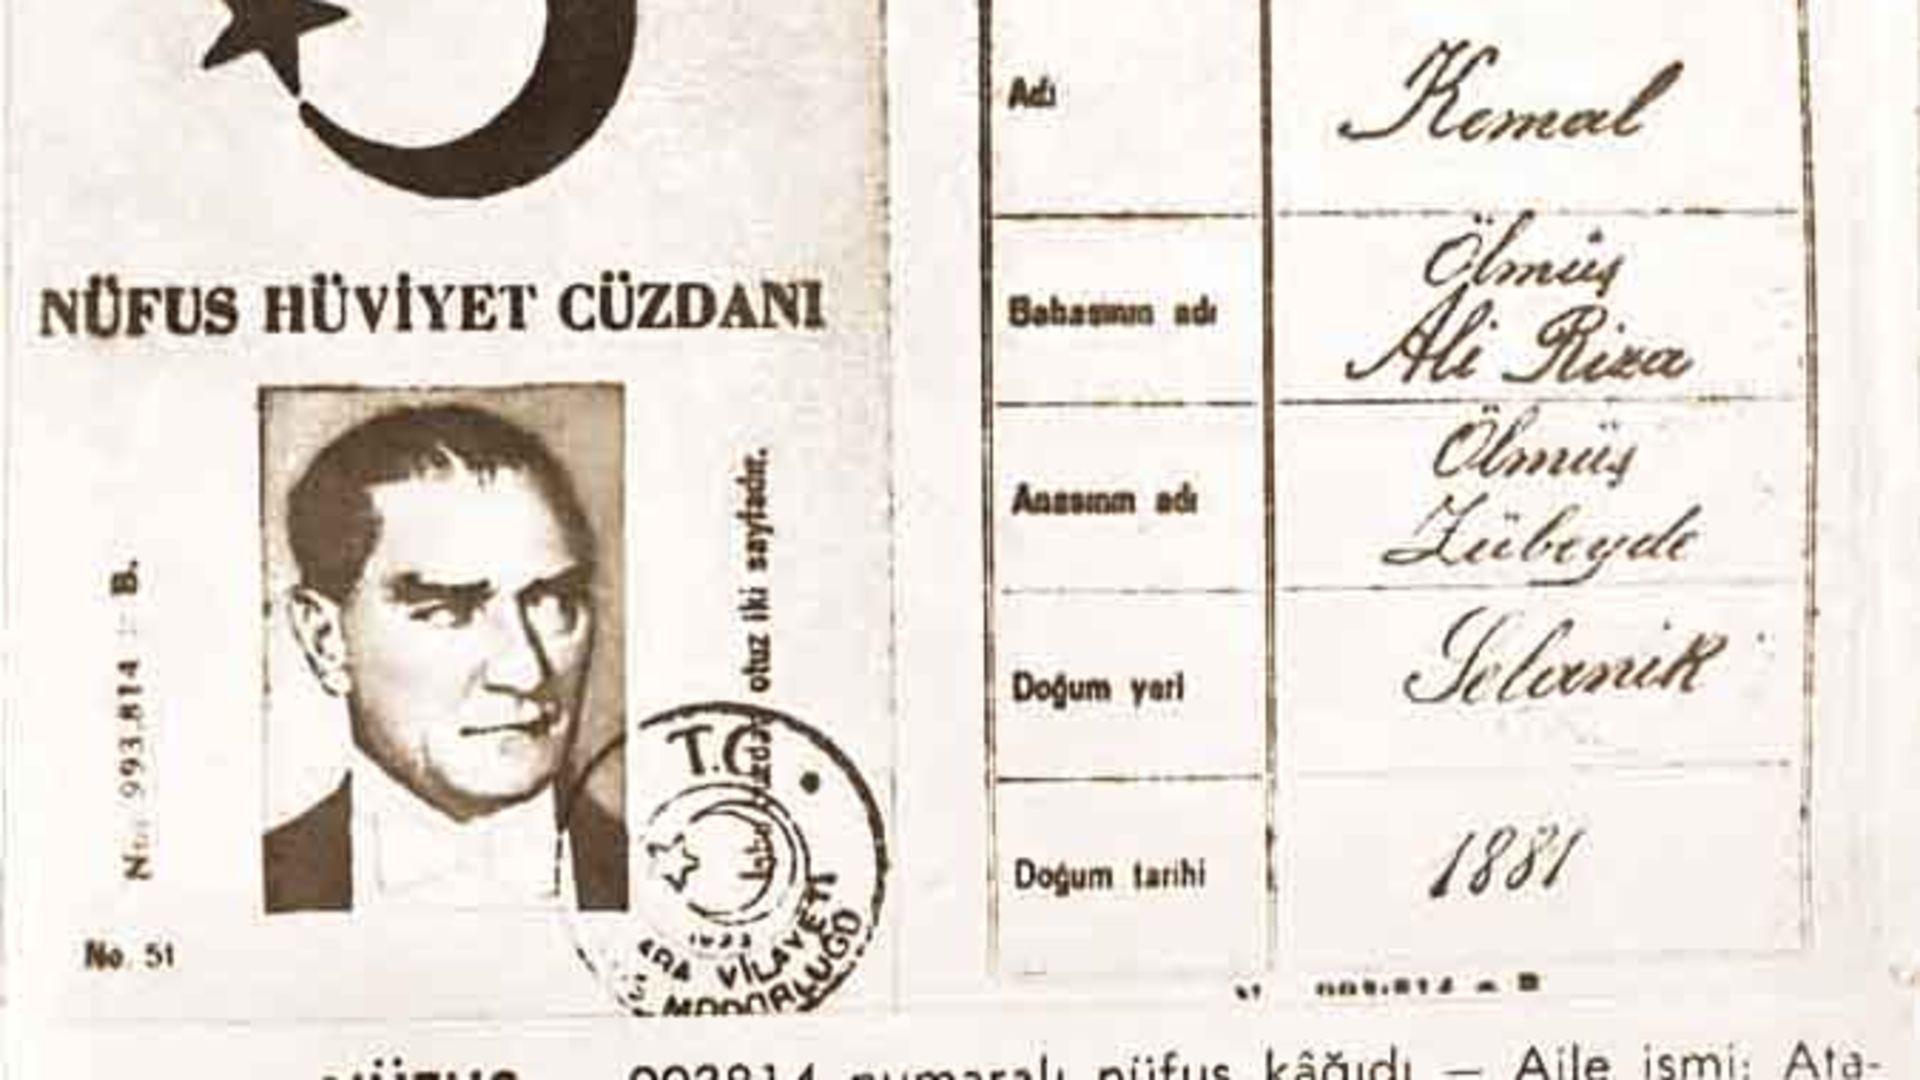 Yunan Tarihçi Atatürkün Soyunun Nereden Geldiğini Belgeledi